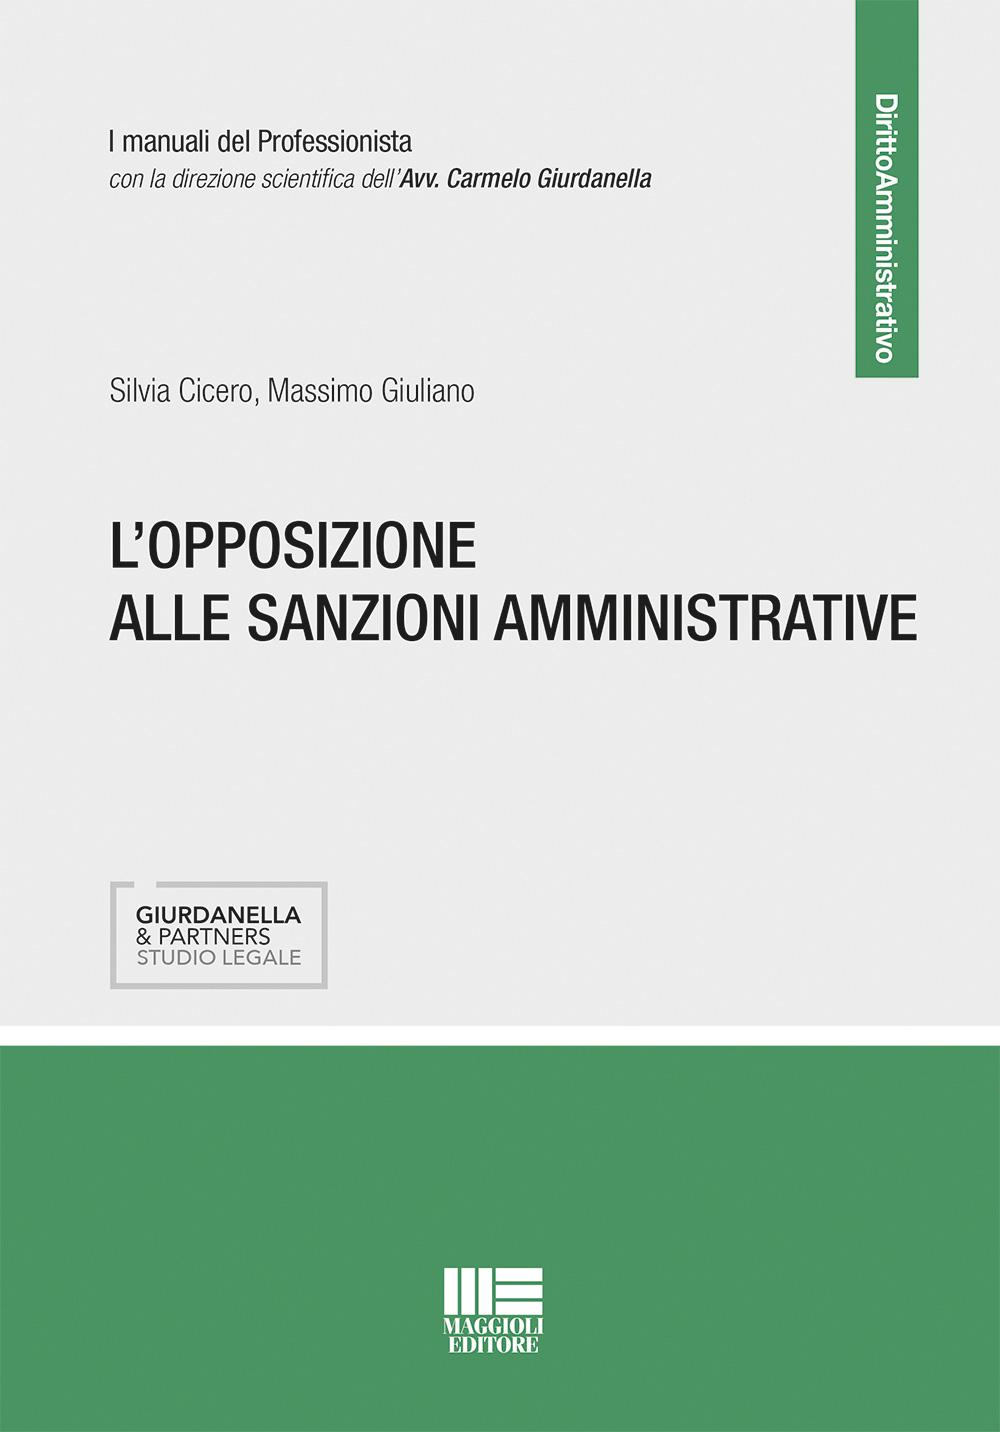 L'opposizione alle sanzioni amministrative